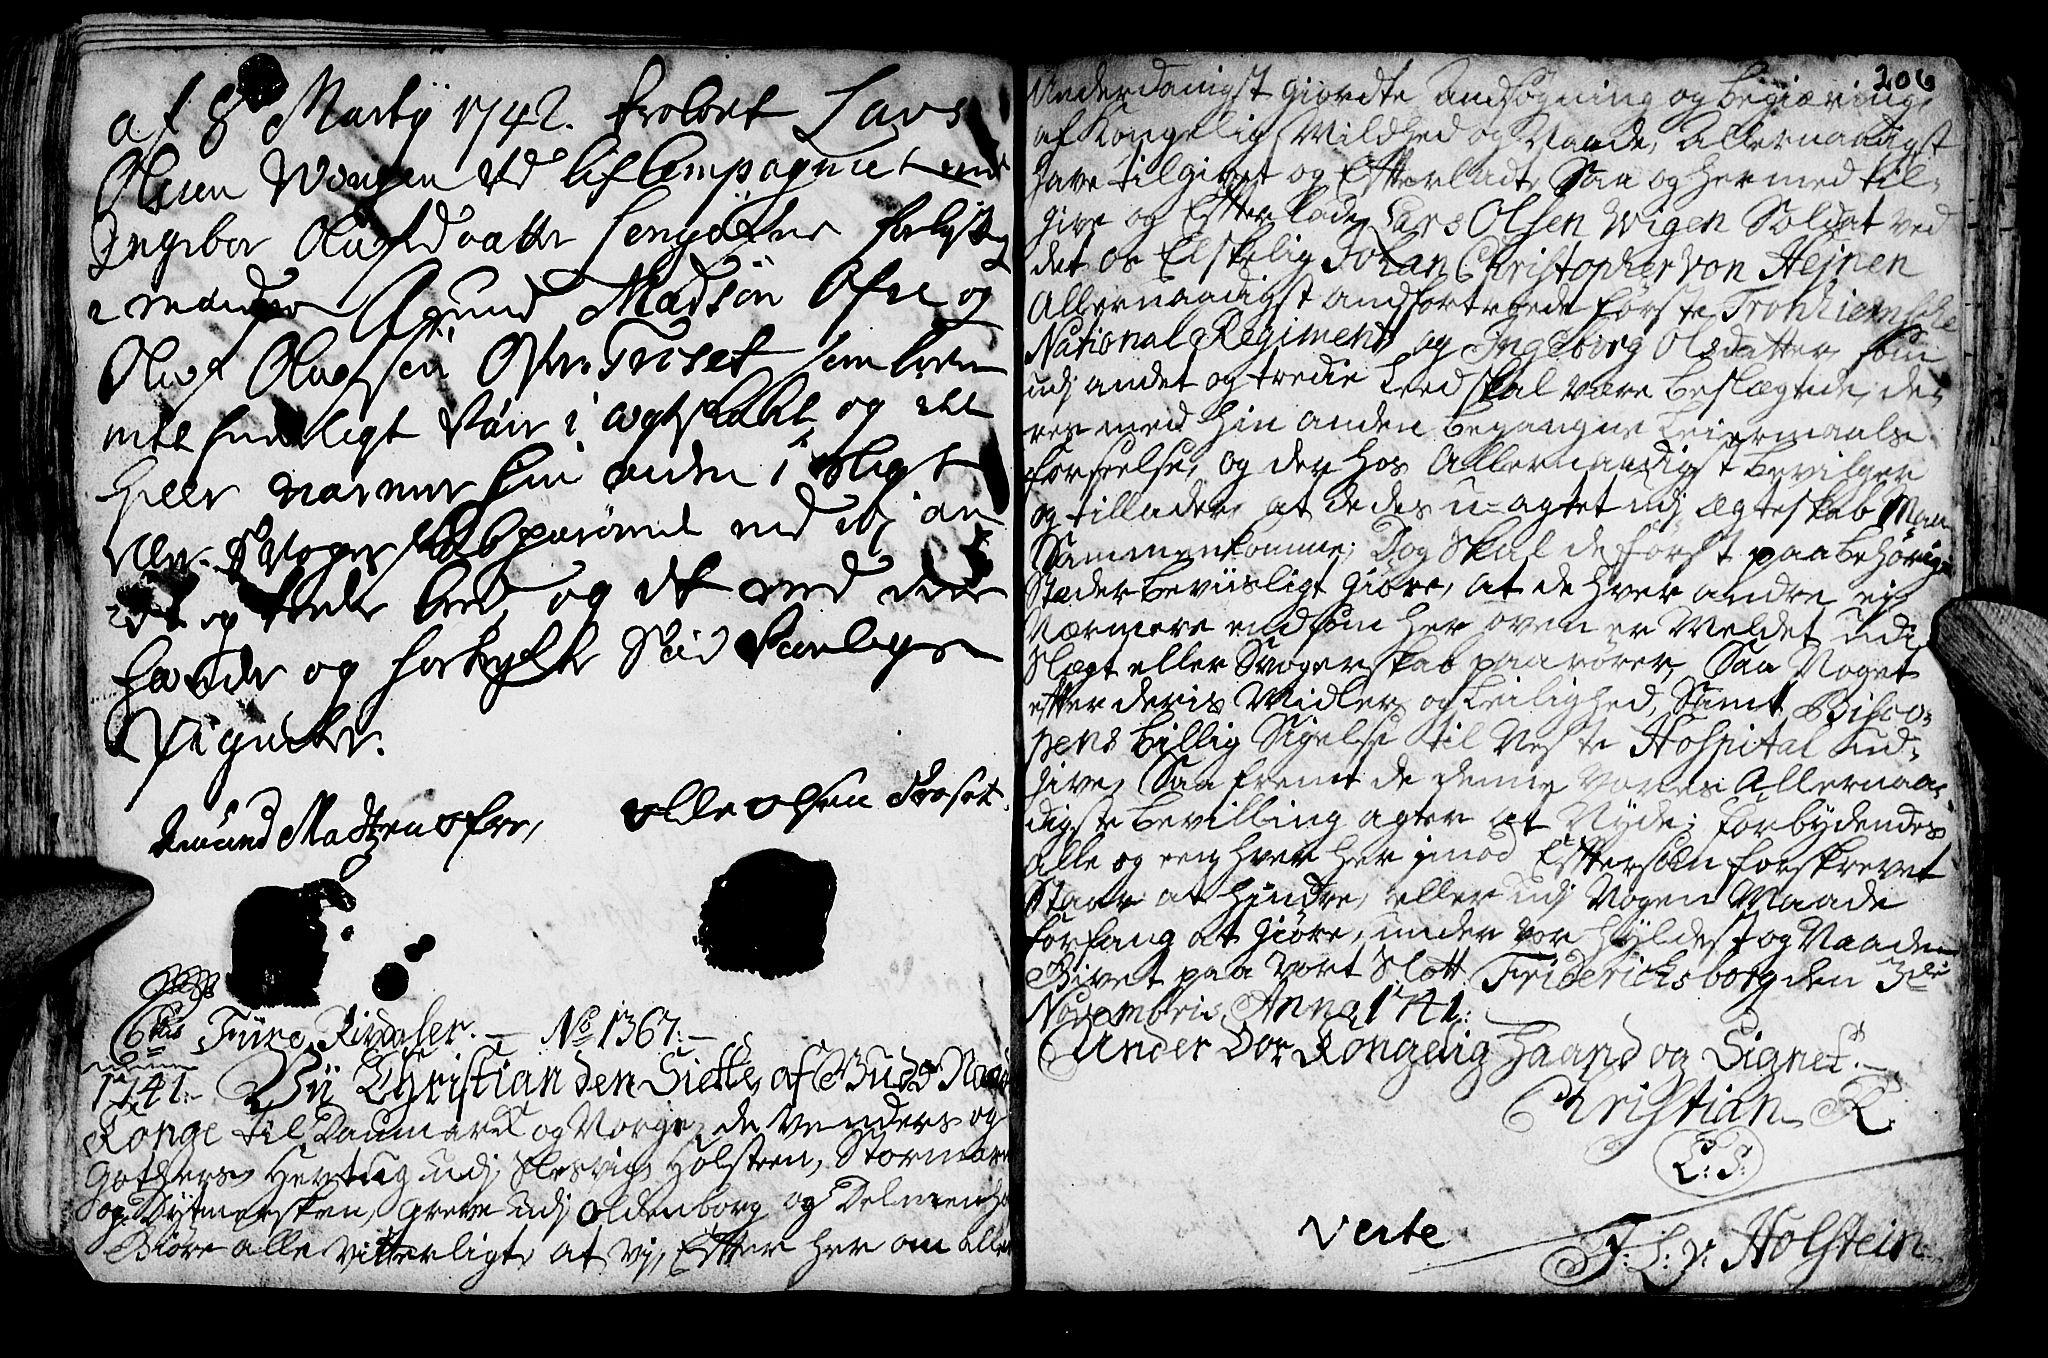 SAT, Ministerialprotokoller, klokkerbøker og fødselsregistre - Nord-Trøndelag, 722/L0215: Ministerialbok nr. 722A02, 1718-1755, s. 206